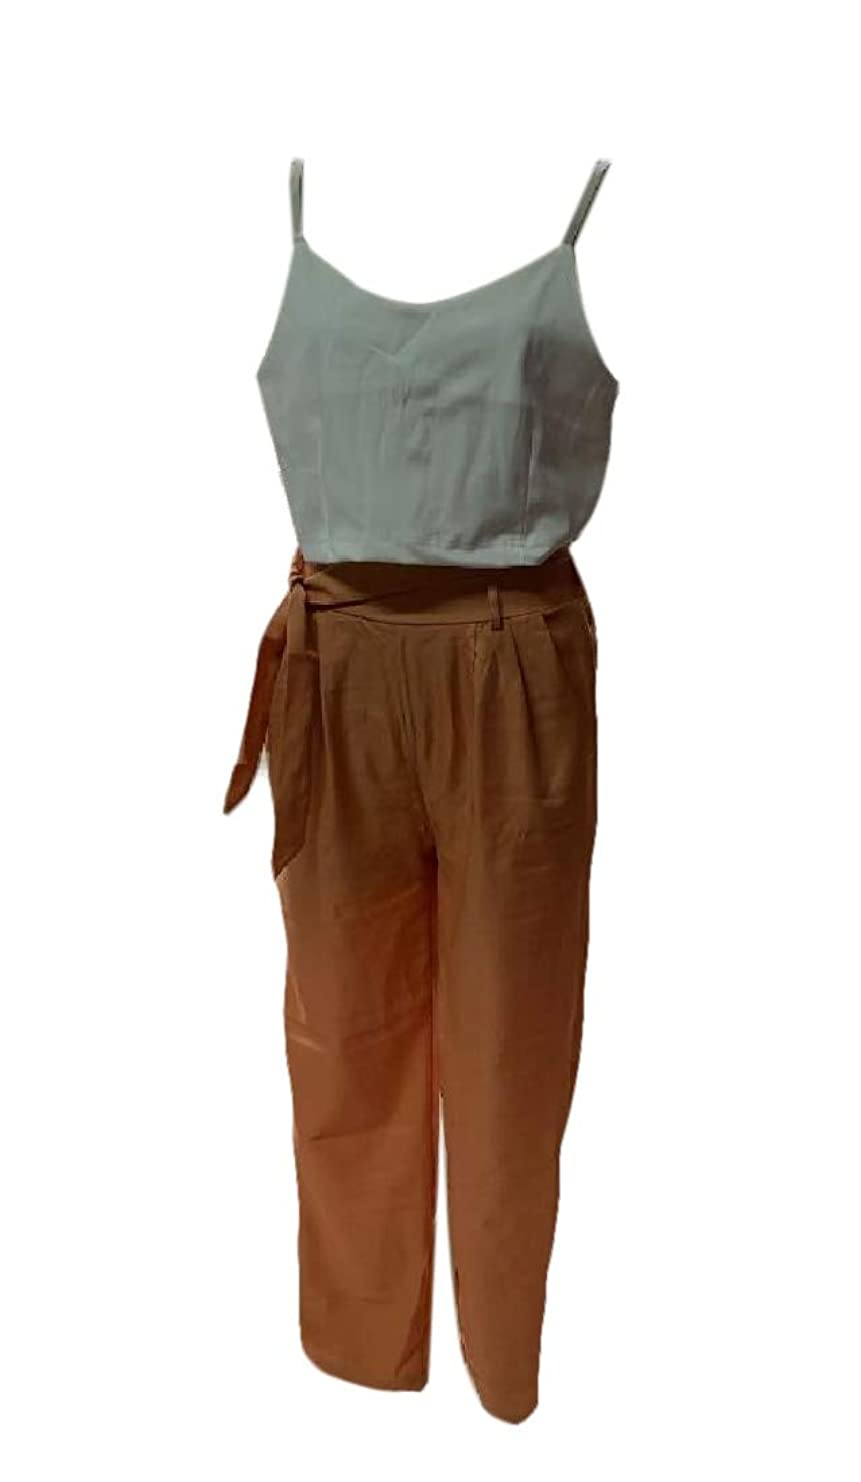 細心の共和党首尾一貫したWomen 2 Pieces Spaghetti Strap Top and Bodycon Long Pant with Belt Outfit